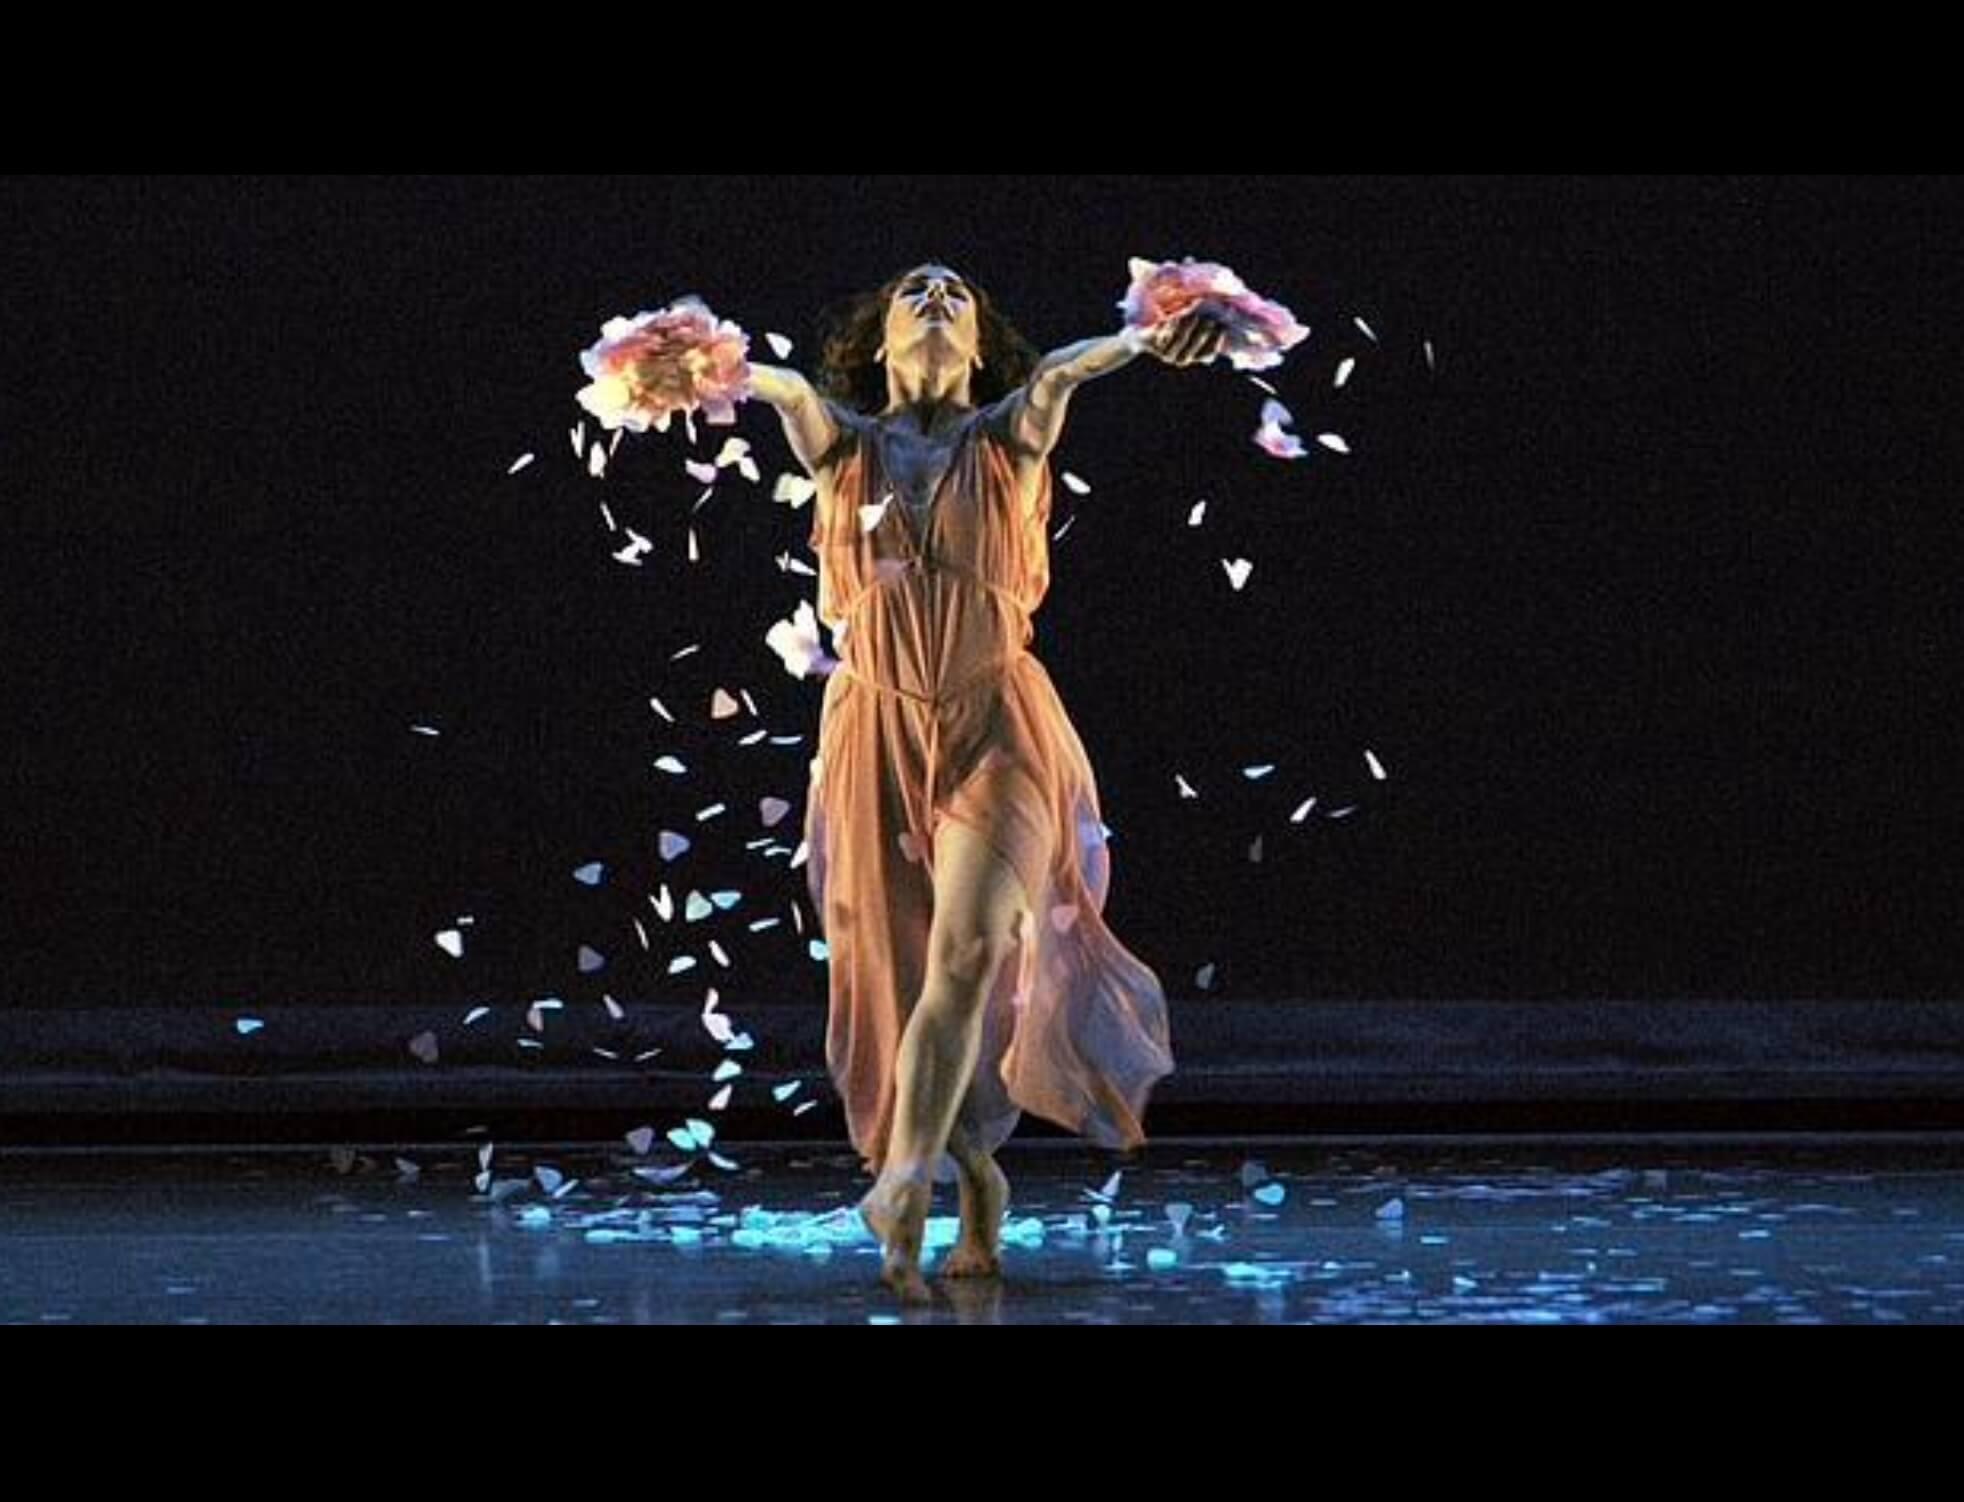 Tendrá UAEM coloquio internacional sobre la mujer en artes escénicas